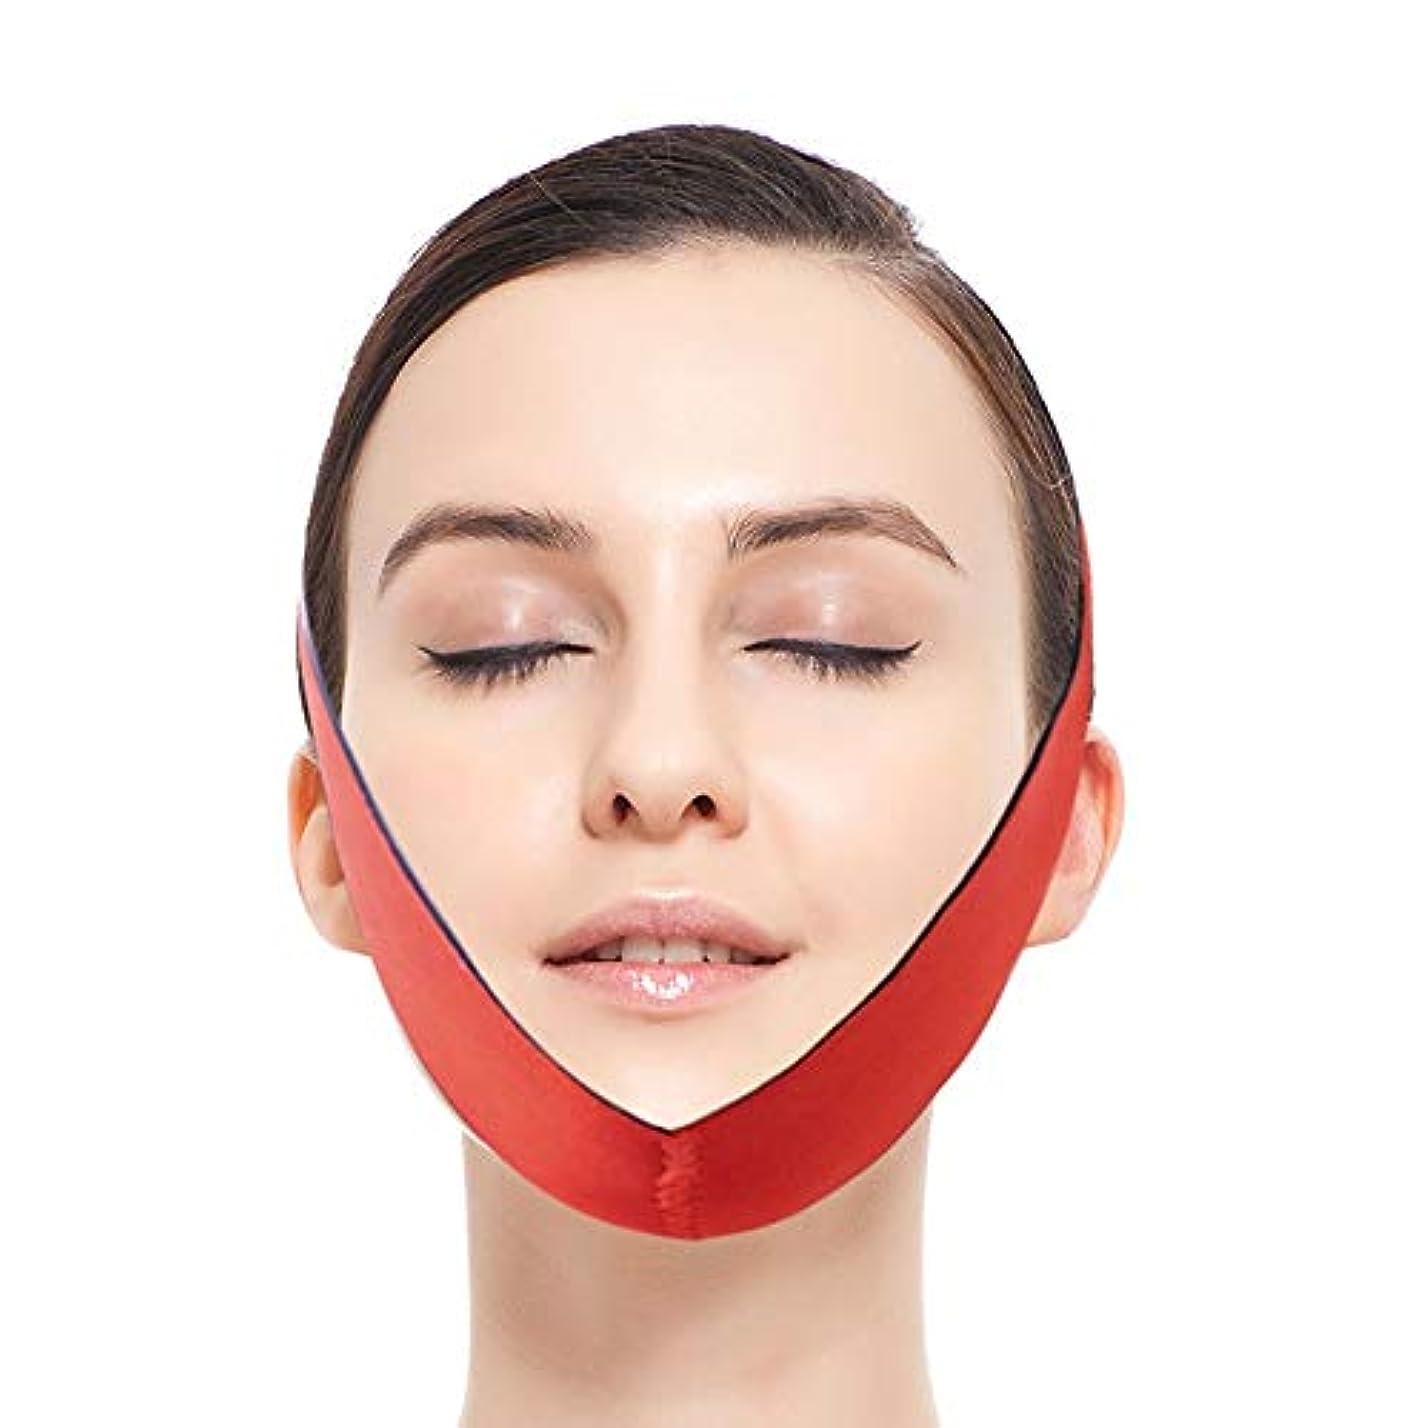 ウィスキーモンスター原子フェイスリフティングアーティファクトVフェイス包帯マスクダブルあご引き締め顔薄い咬傷筋肉下顎矯正顔